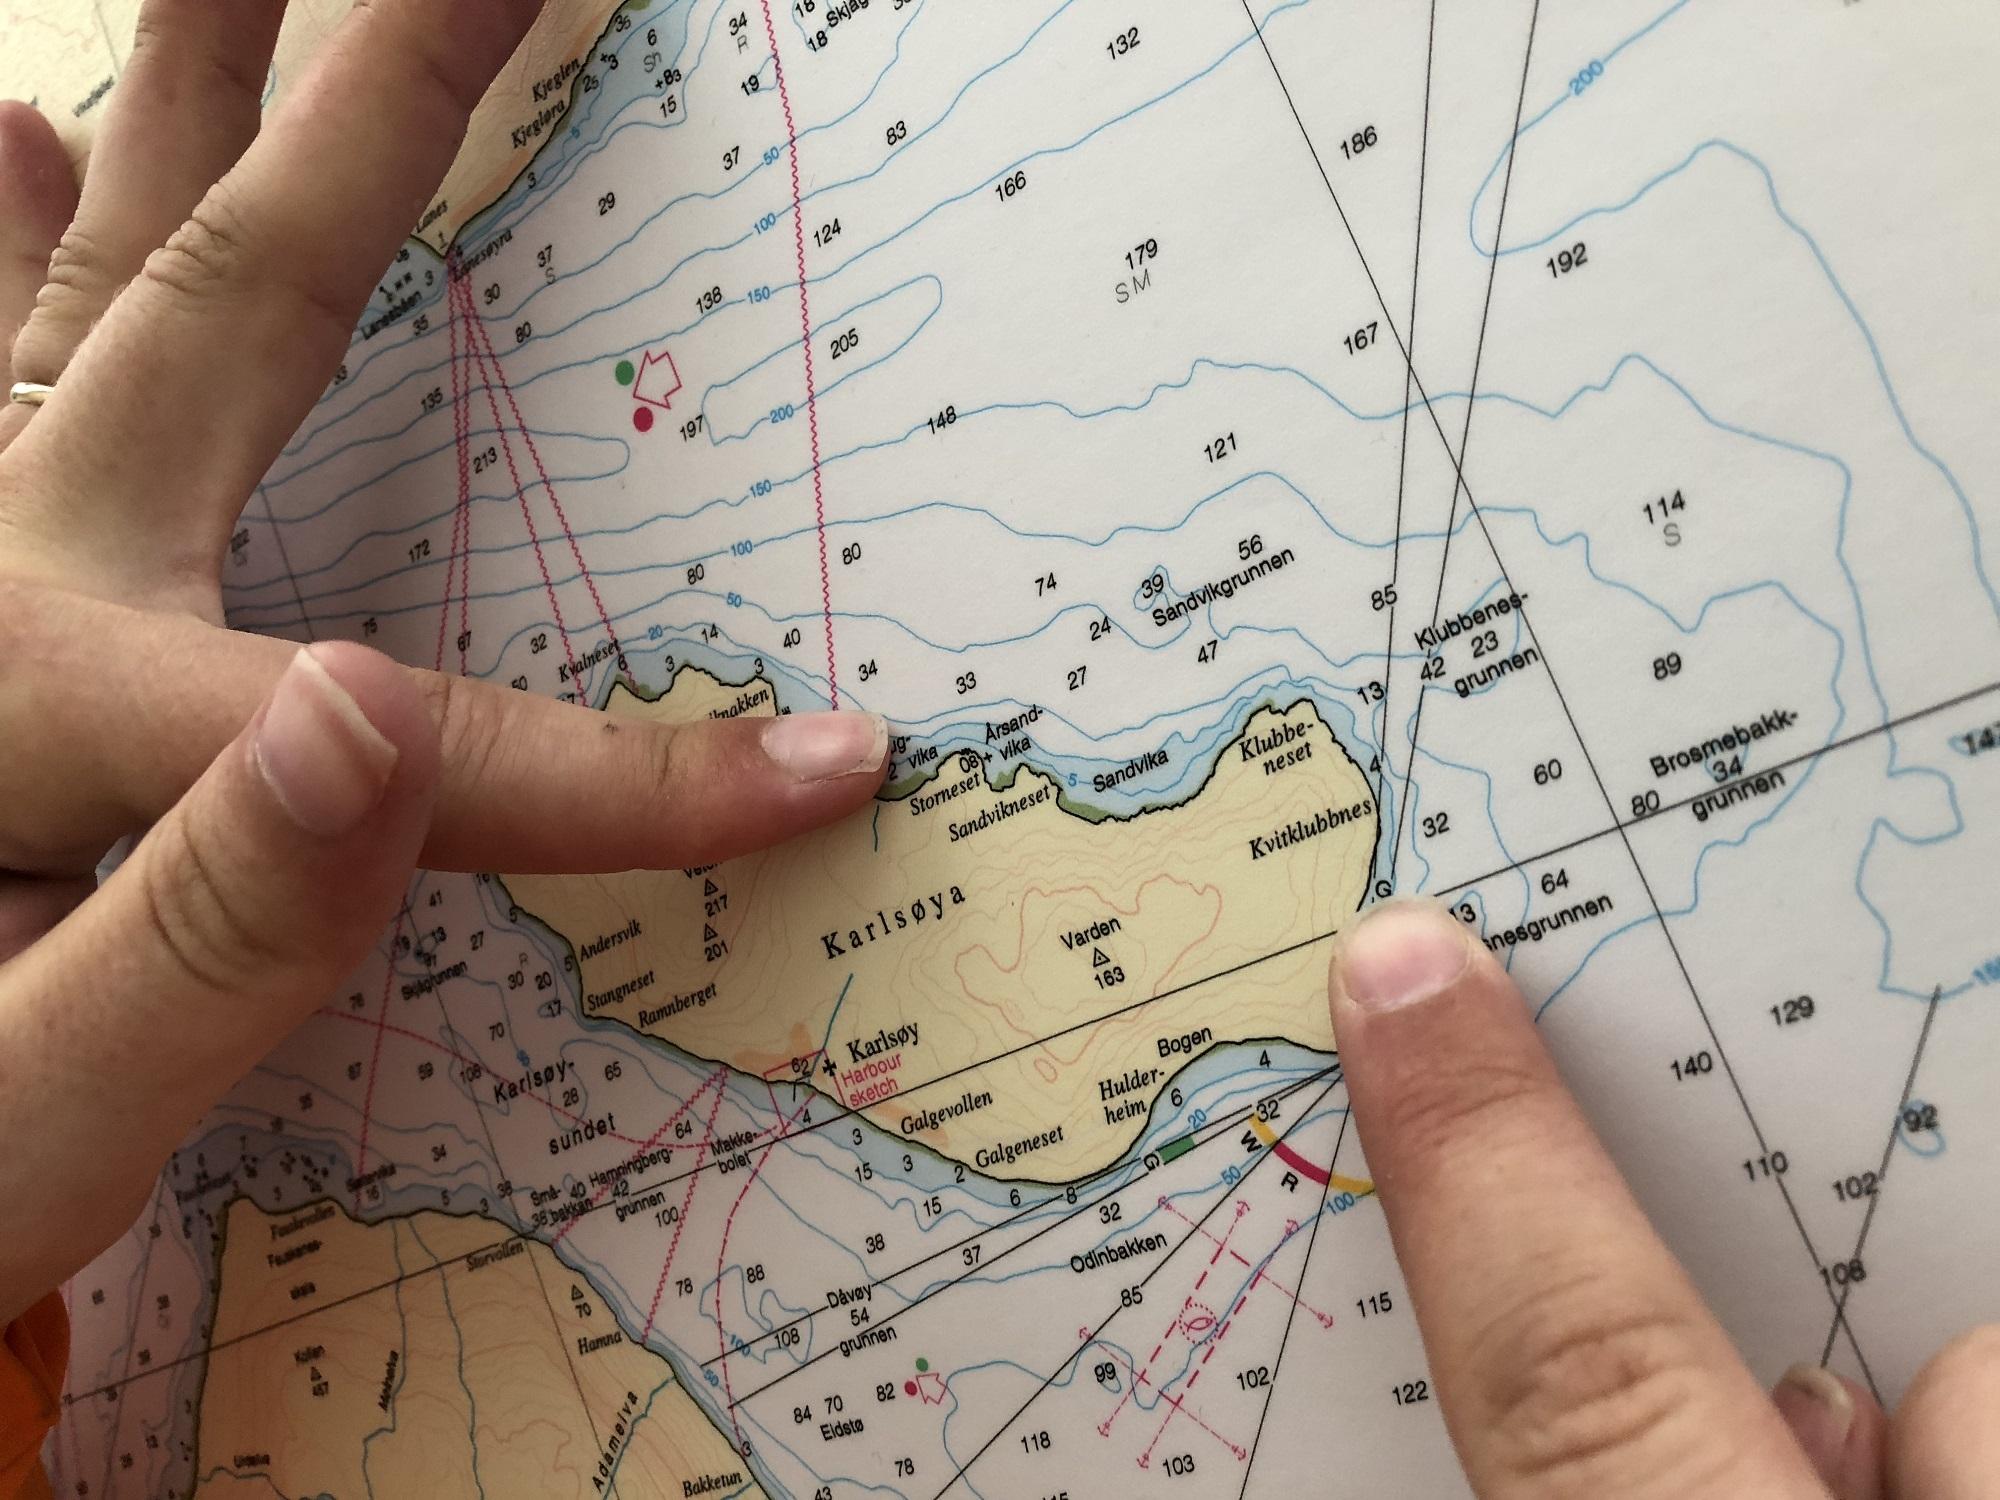 Schaut Euch die Seekarten vor einer Ausfahrt genau an. Eure Gastgeber geben gerne Tipps zu den Hotspots